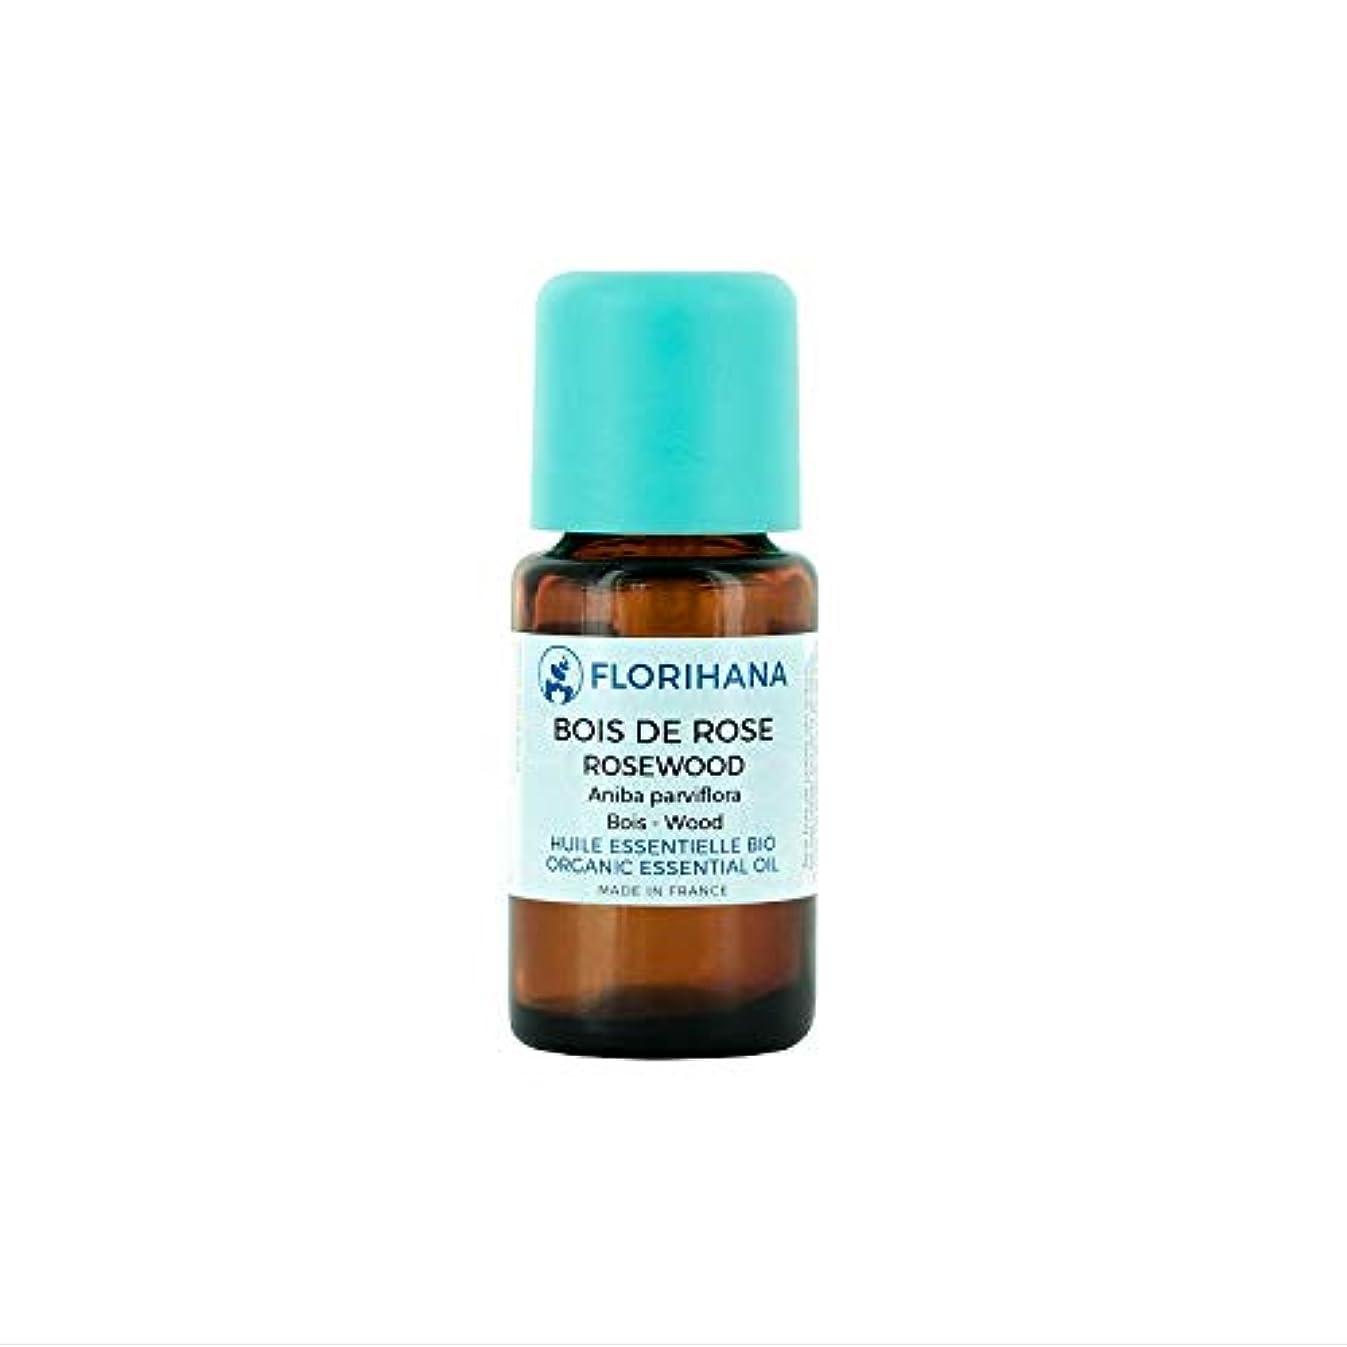 消毒剤スマイルに対応するFlorihana オーガニック エッセンシャルオイル ローズウッド 5g(5.7ml)